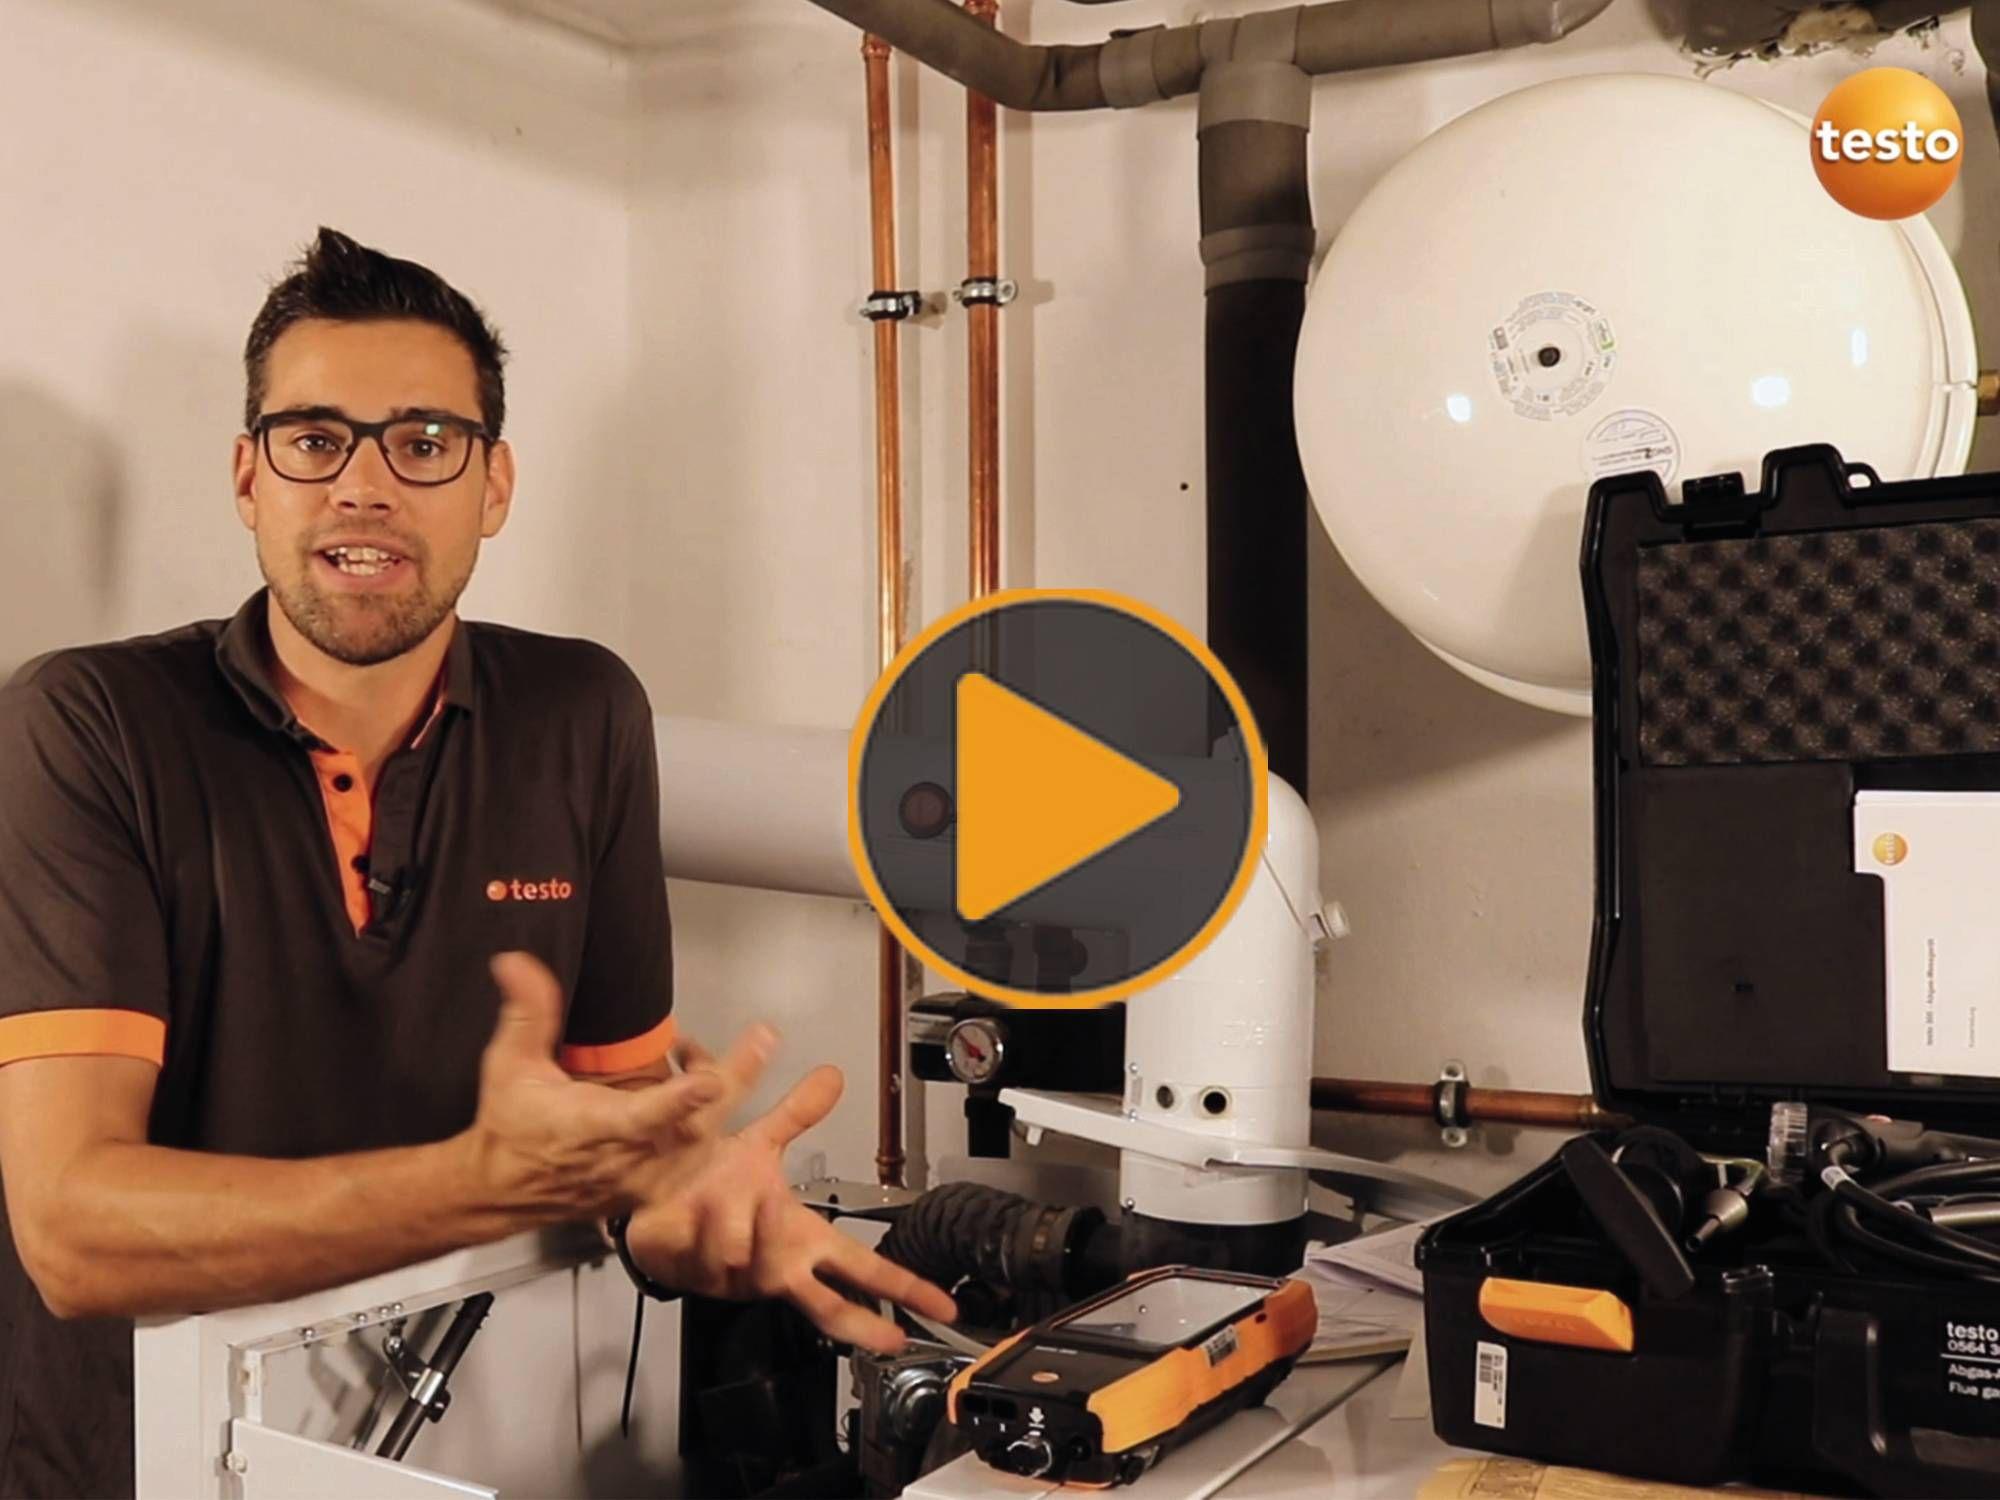 Abgas-Lernvideos mit Marcel von Zons